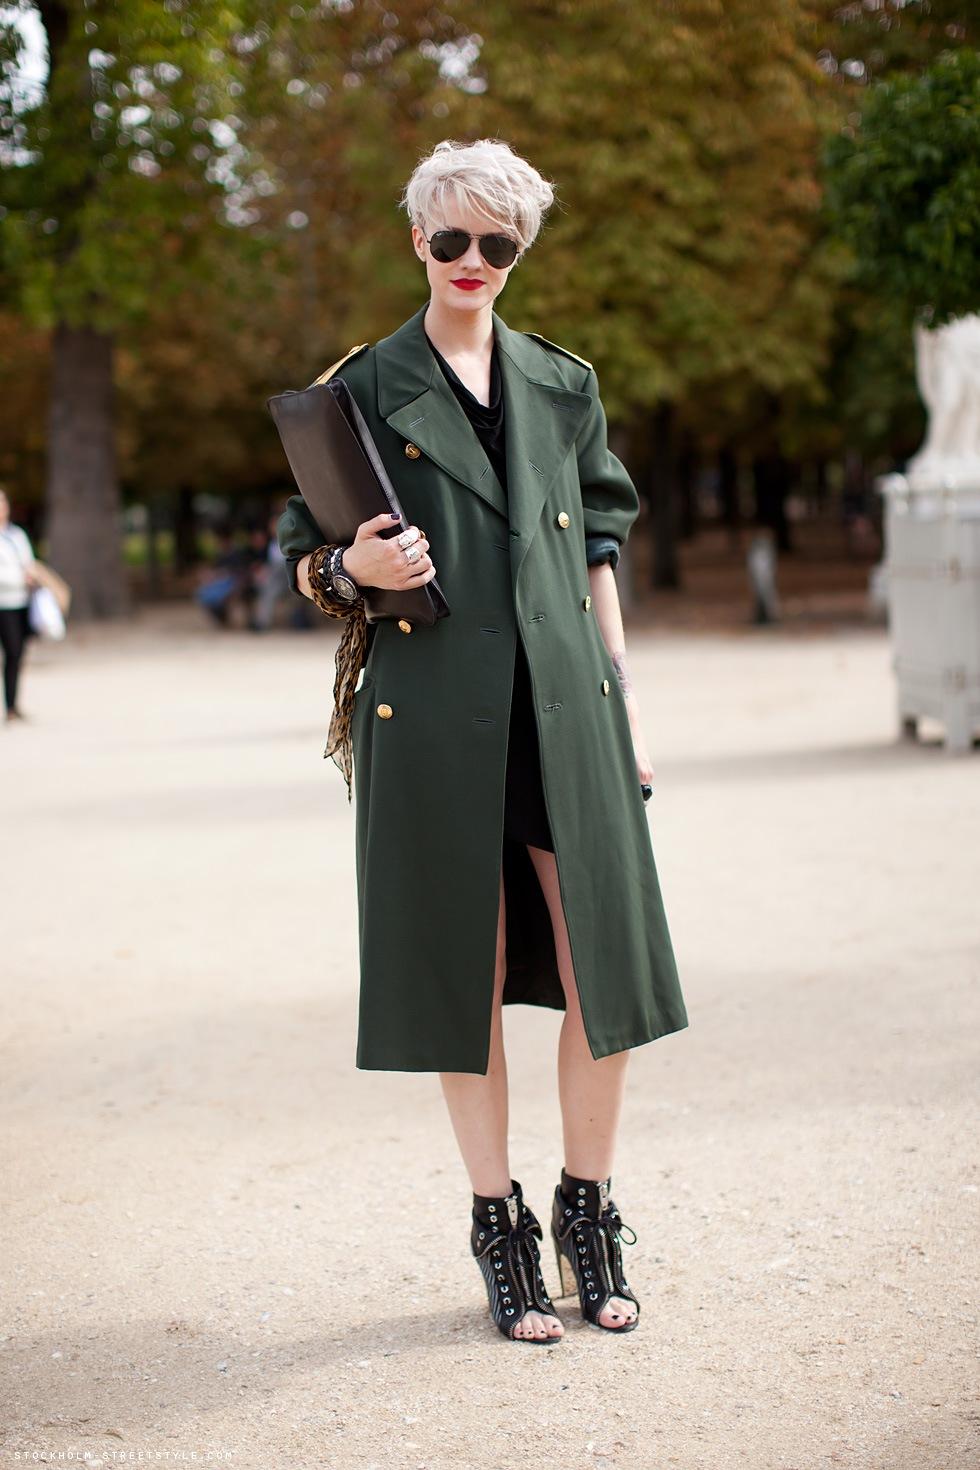 d7cda668d7 Kabát trendek - Ági szépségblogja